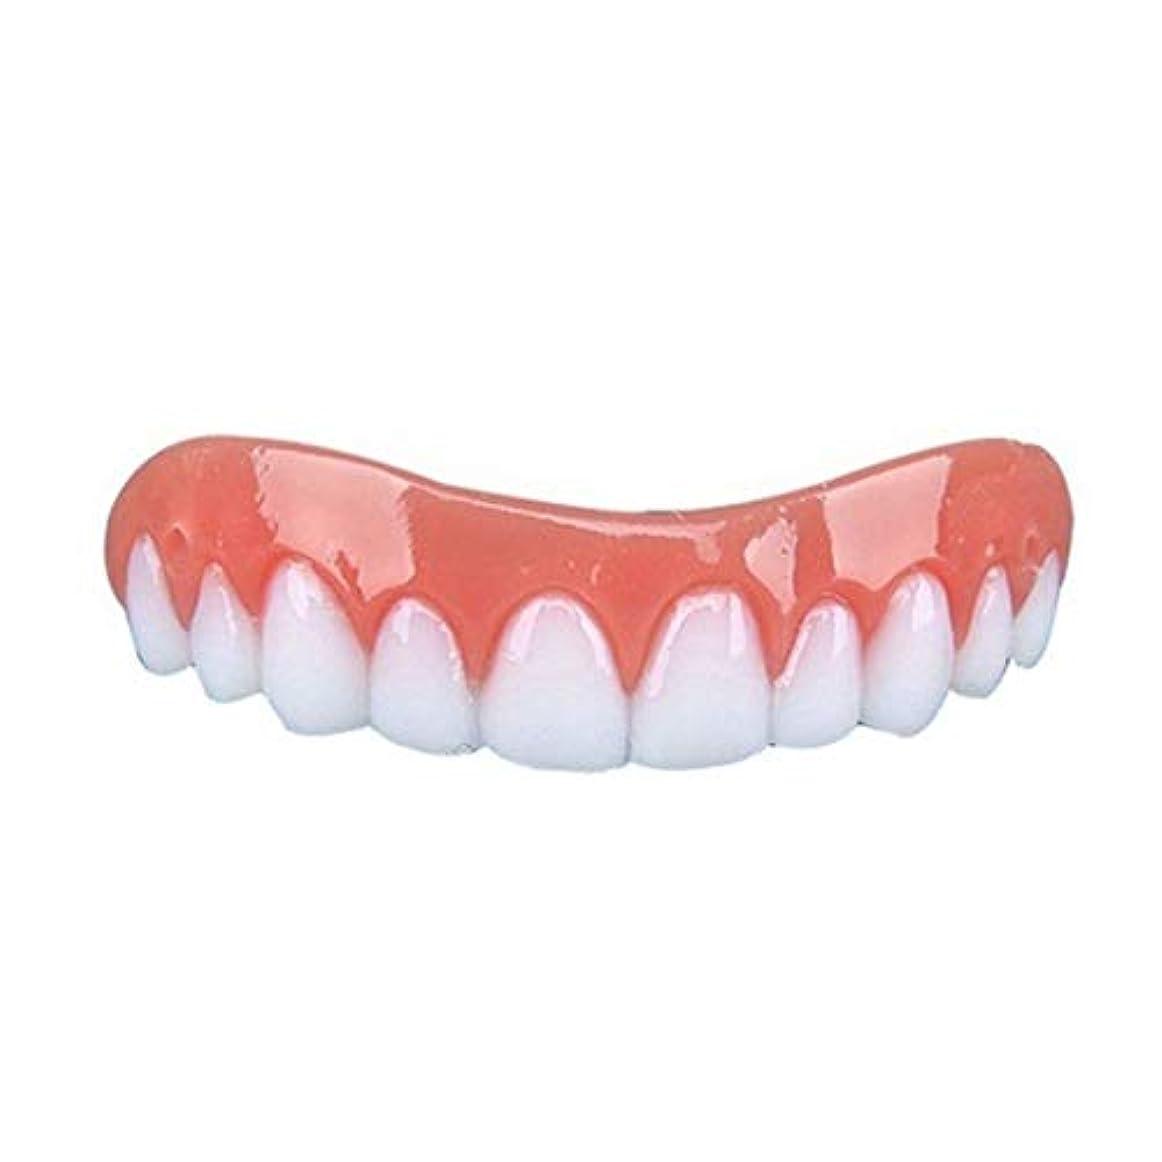 伝える近傍雄弁なBartram 歯カバー シリコン義歯ペースト 上歯 笑顔を保つ 歯保護 美容用 入れ歯 矯正義歯